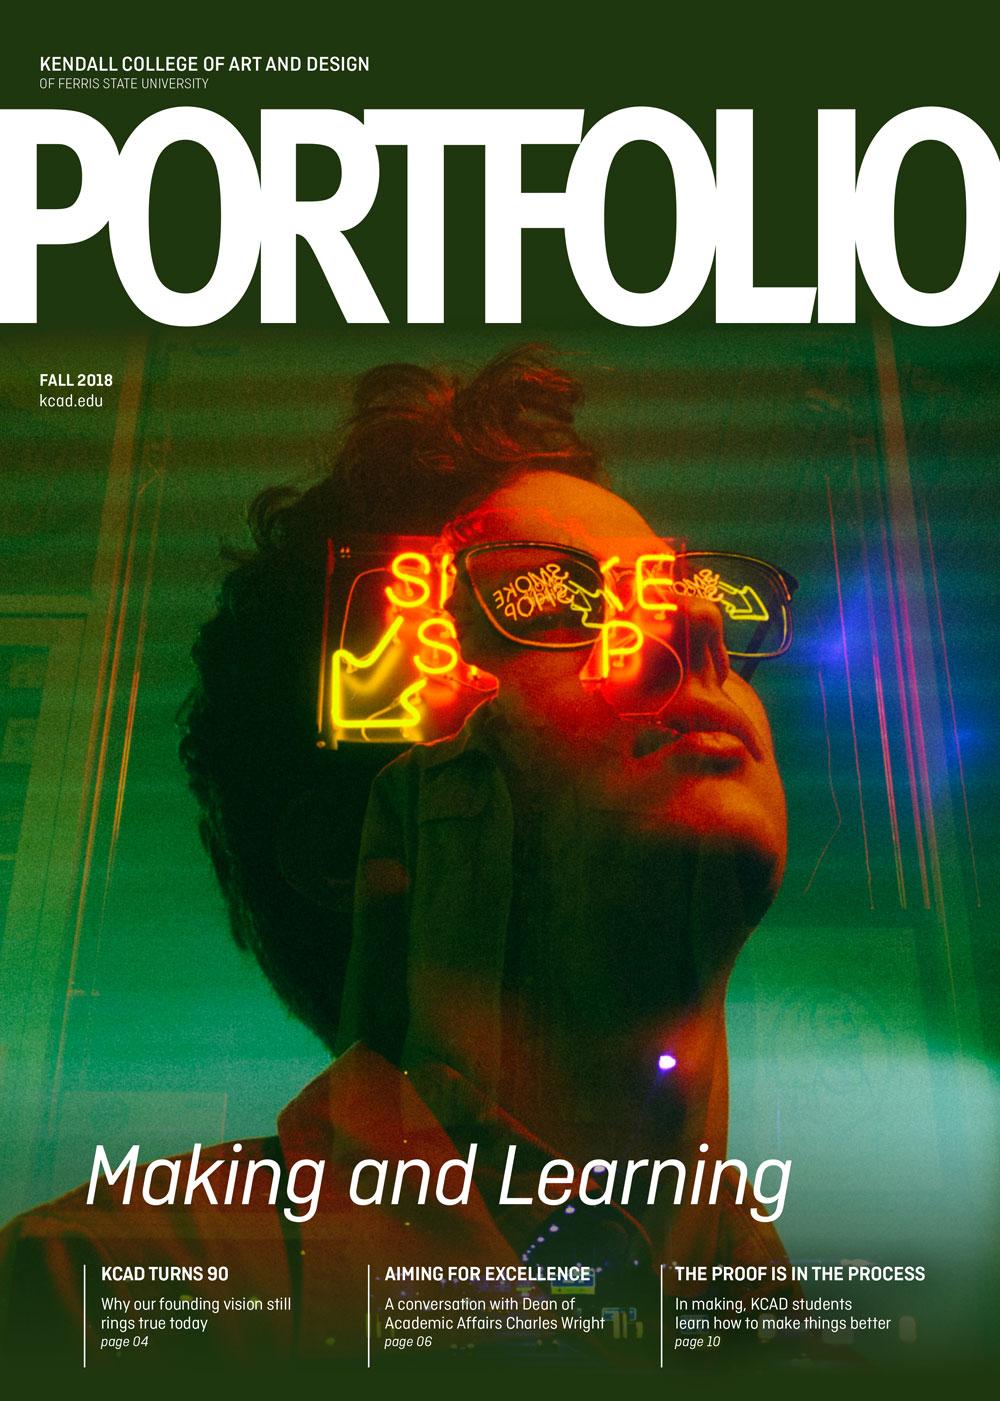 Cover of Fall 2018 Portfolio magazine